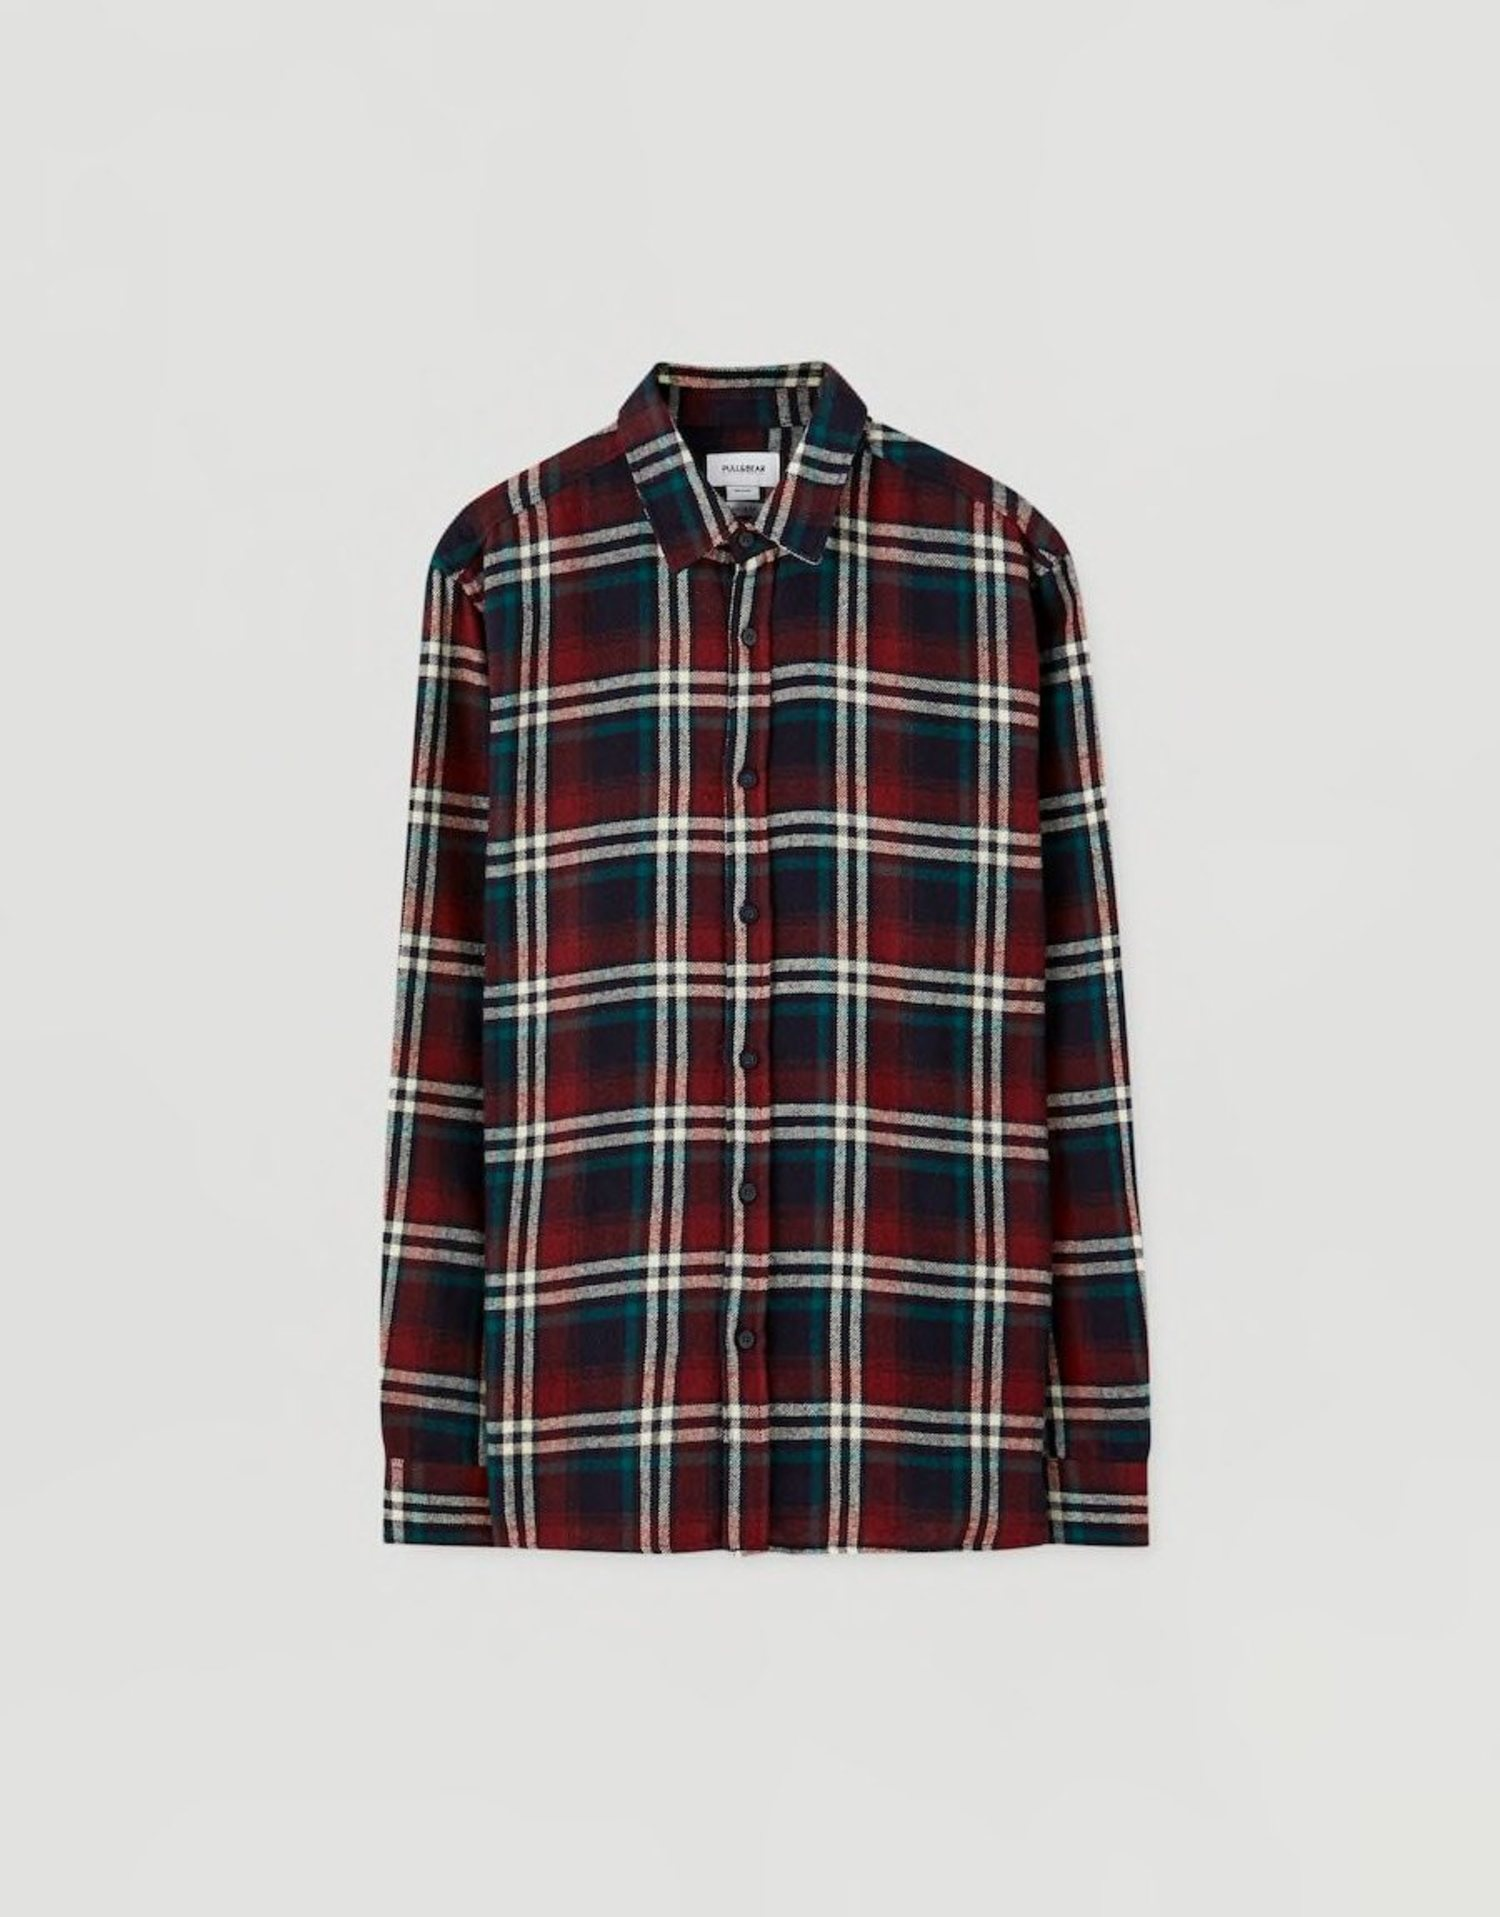 Camisa de cuadros perfecta para disfrazarte de Jack Torrance